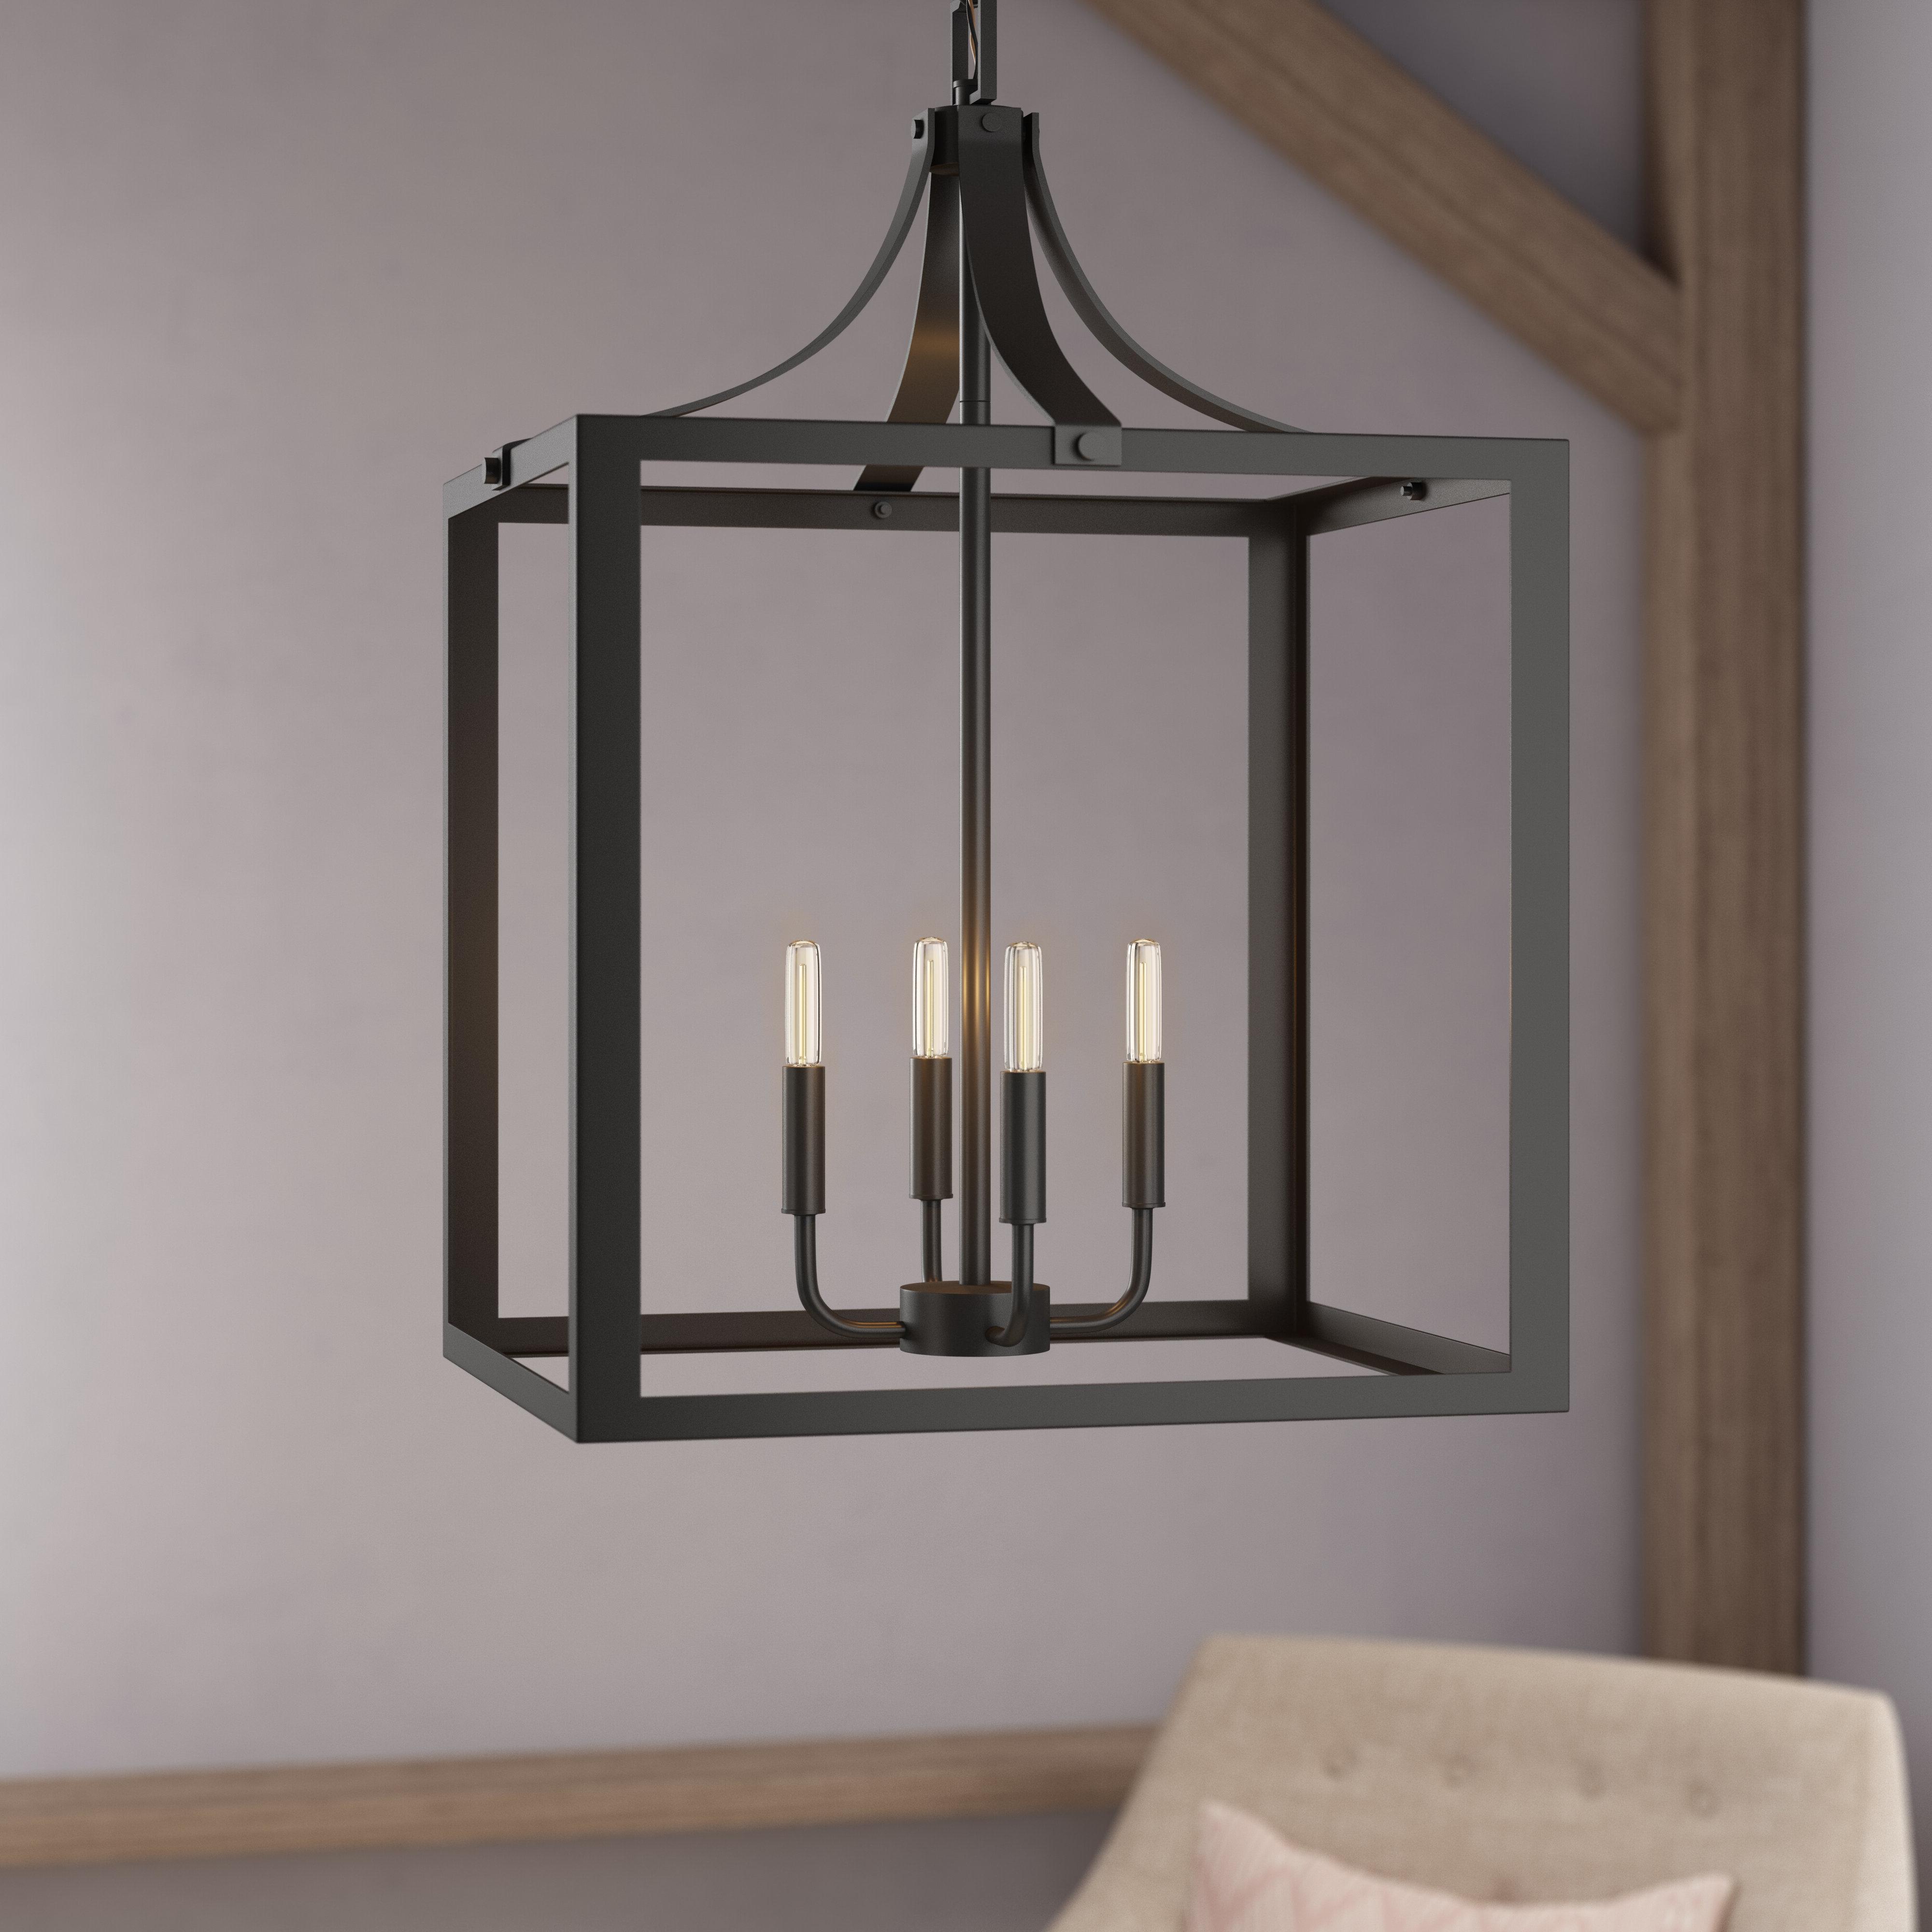 Thorne 4 Light Lantern Rectangle Pendants Intended For Current Sherri Ann 4 Light Lantern Square / Rectangle Pendant (View 8 of 20)